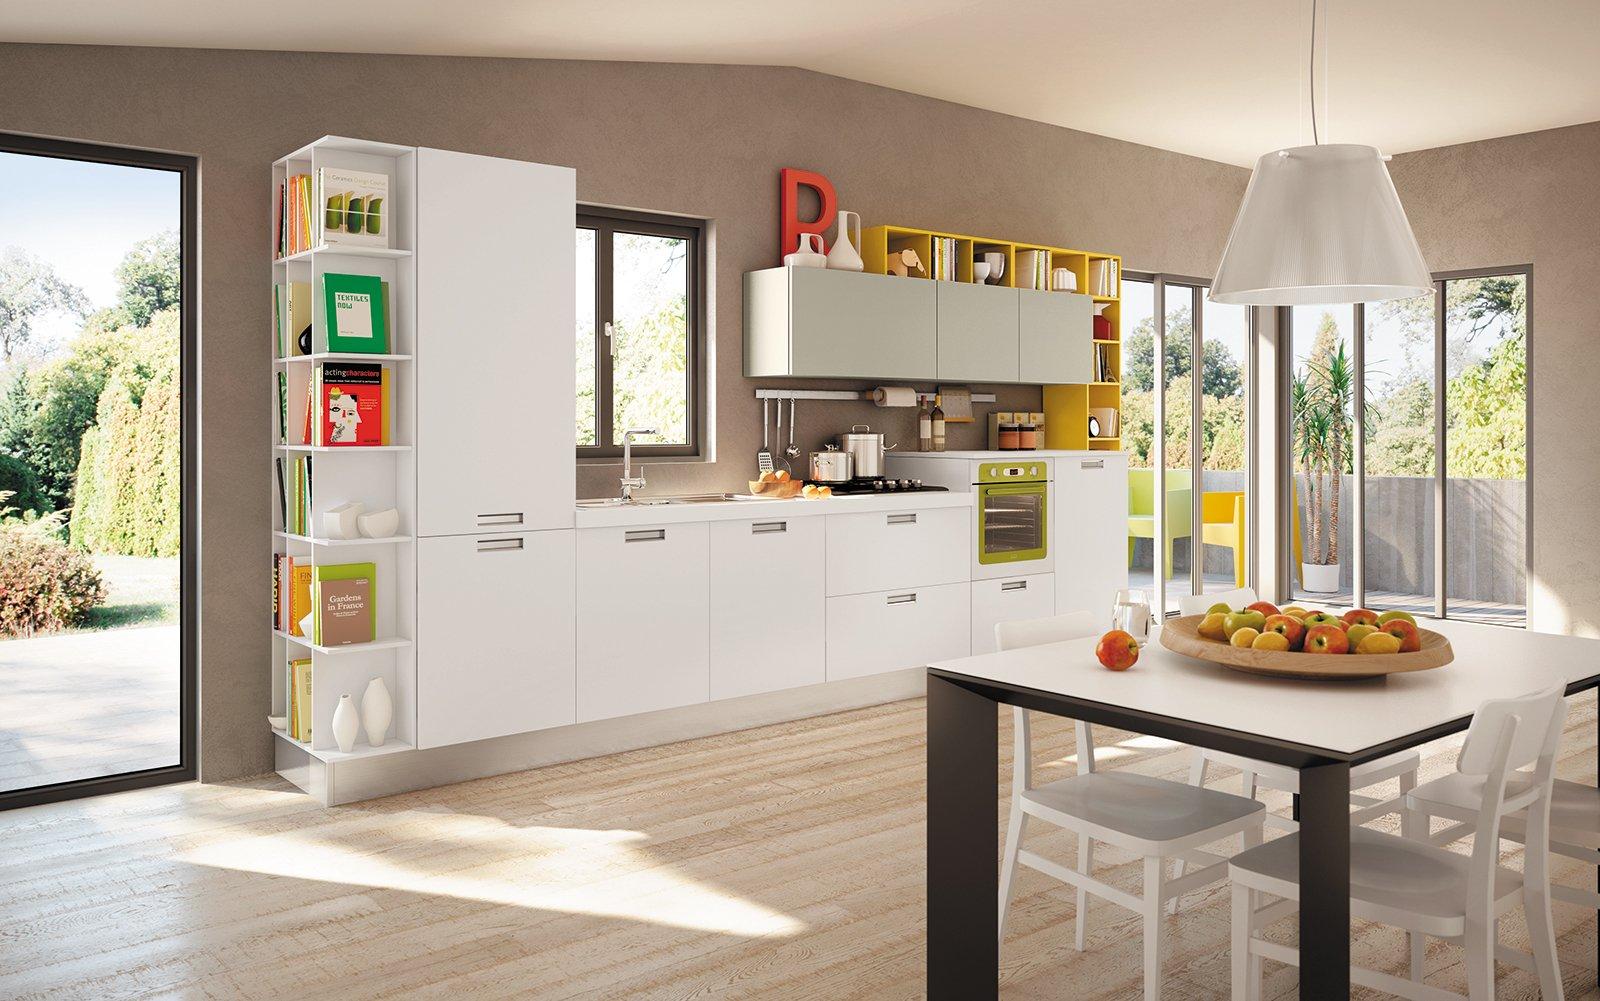 Elementi Per Cucine Componibili. Base A Giorno Baga With Elementi ...